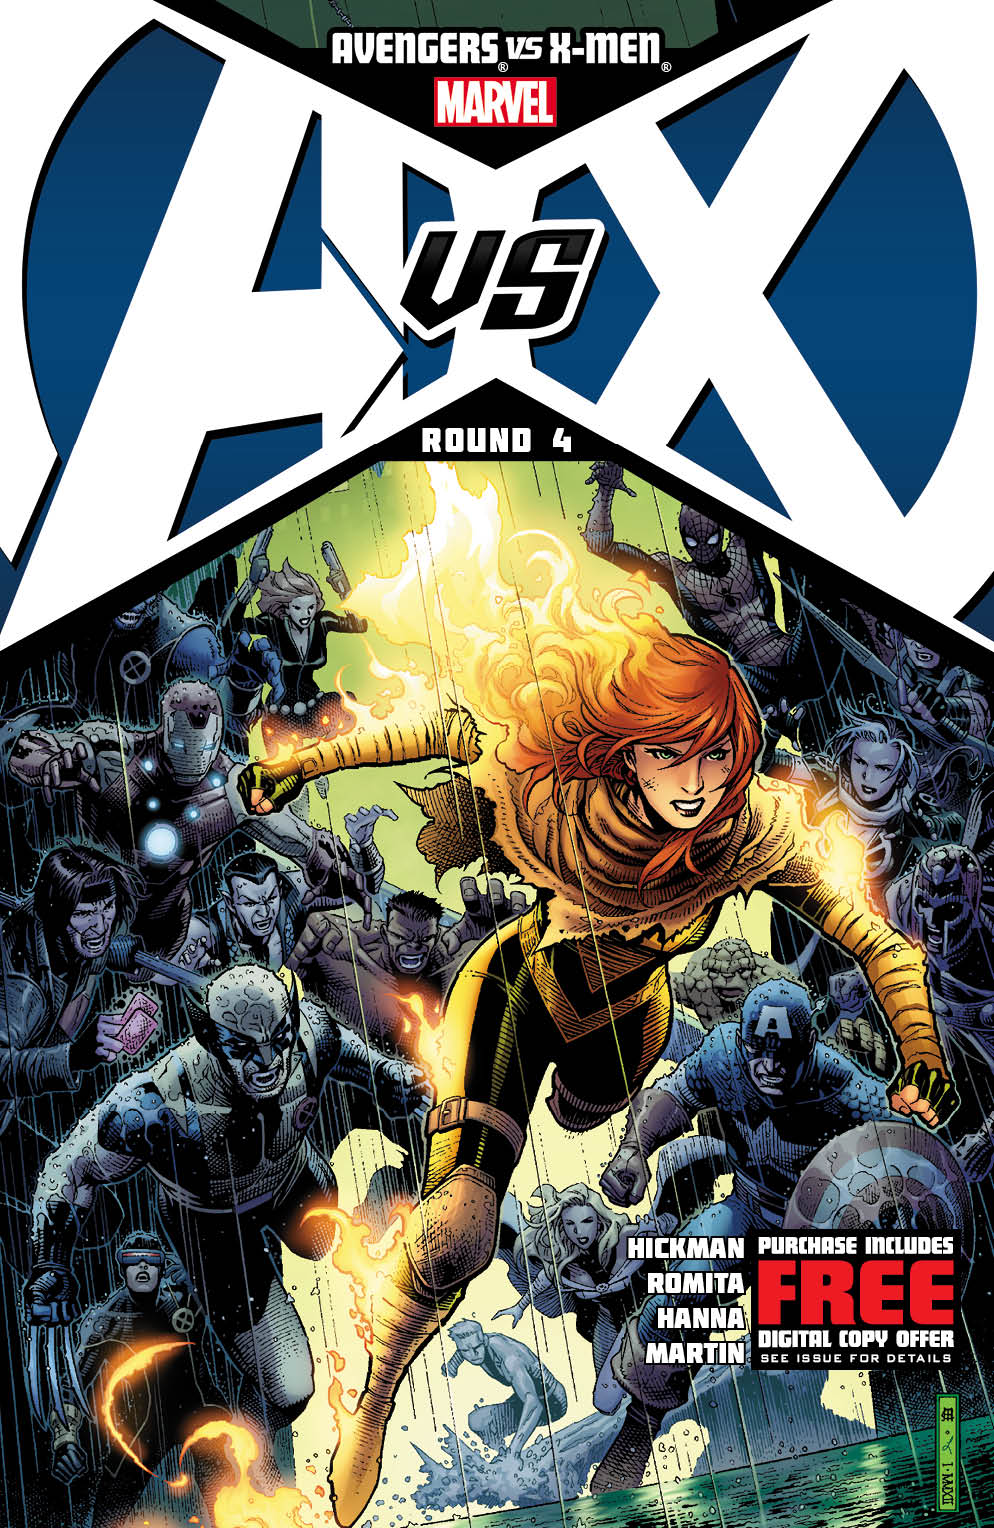 AvengersVsXMen_4_Cover Marvel unleashes New AVENGERS VS. X-MEN Covers